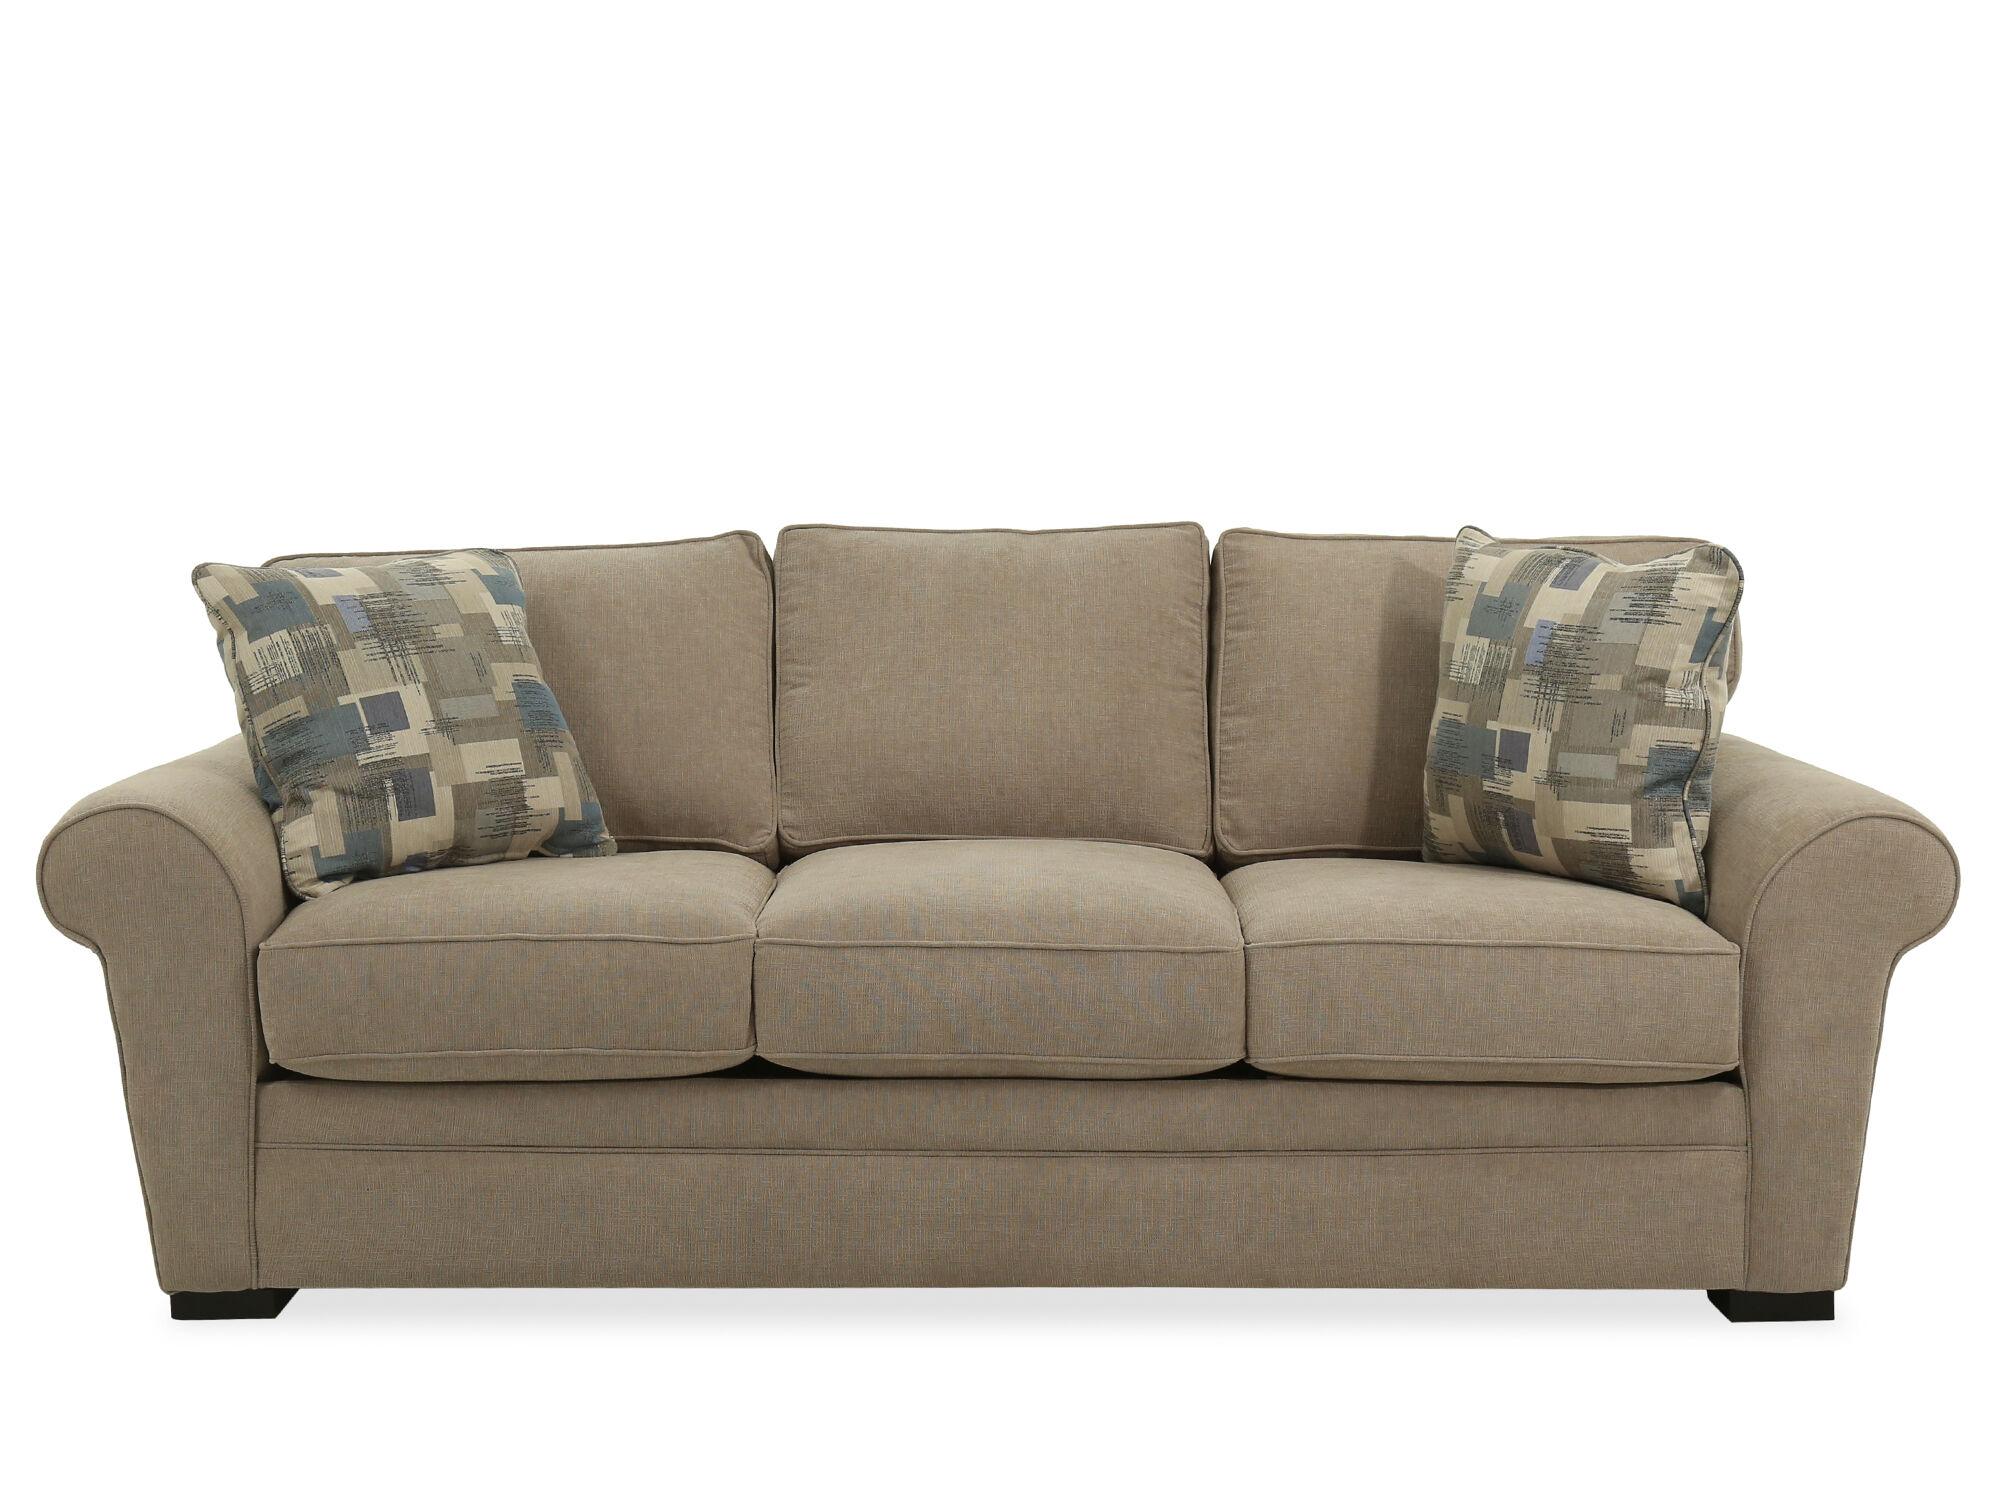 Casual Queen Sleeper Sofa In Light Brown ...